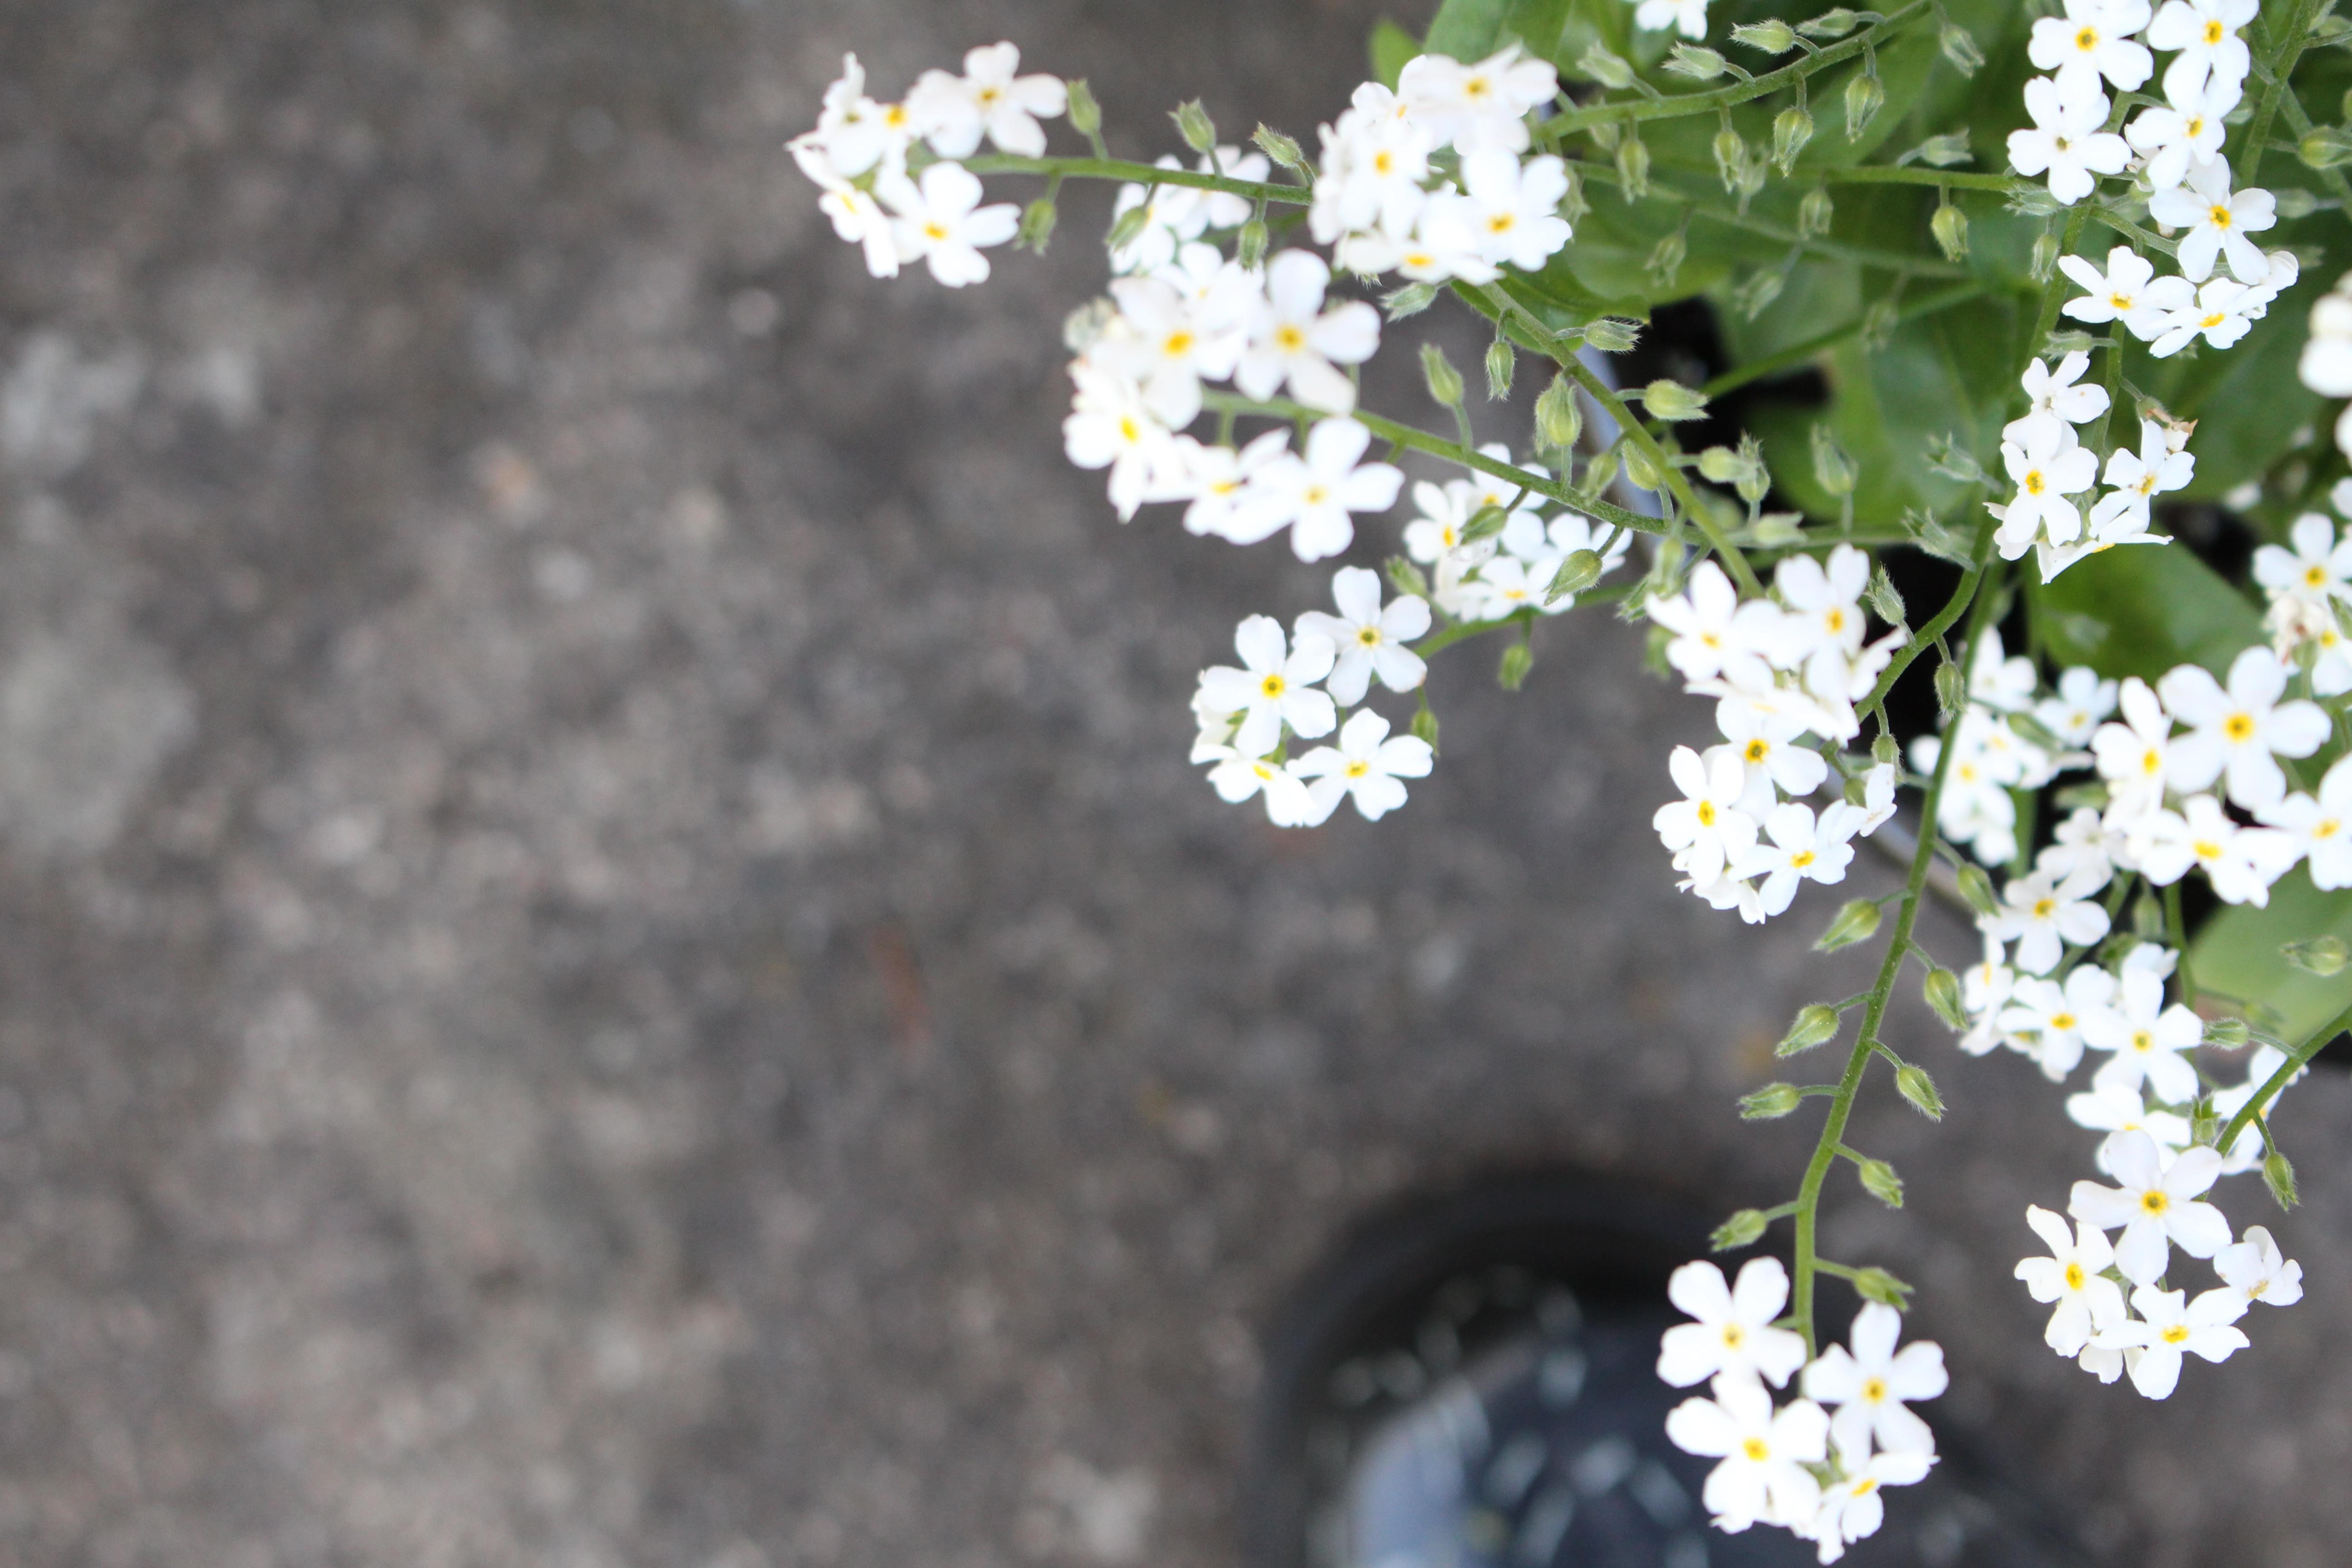 gummistøvler hvide blomster